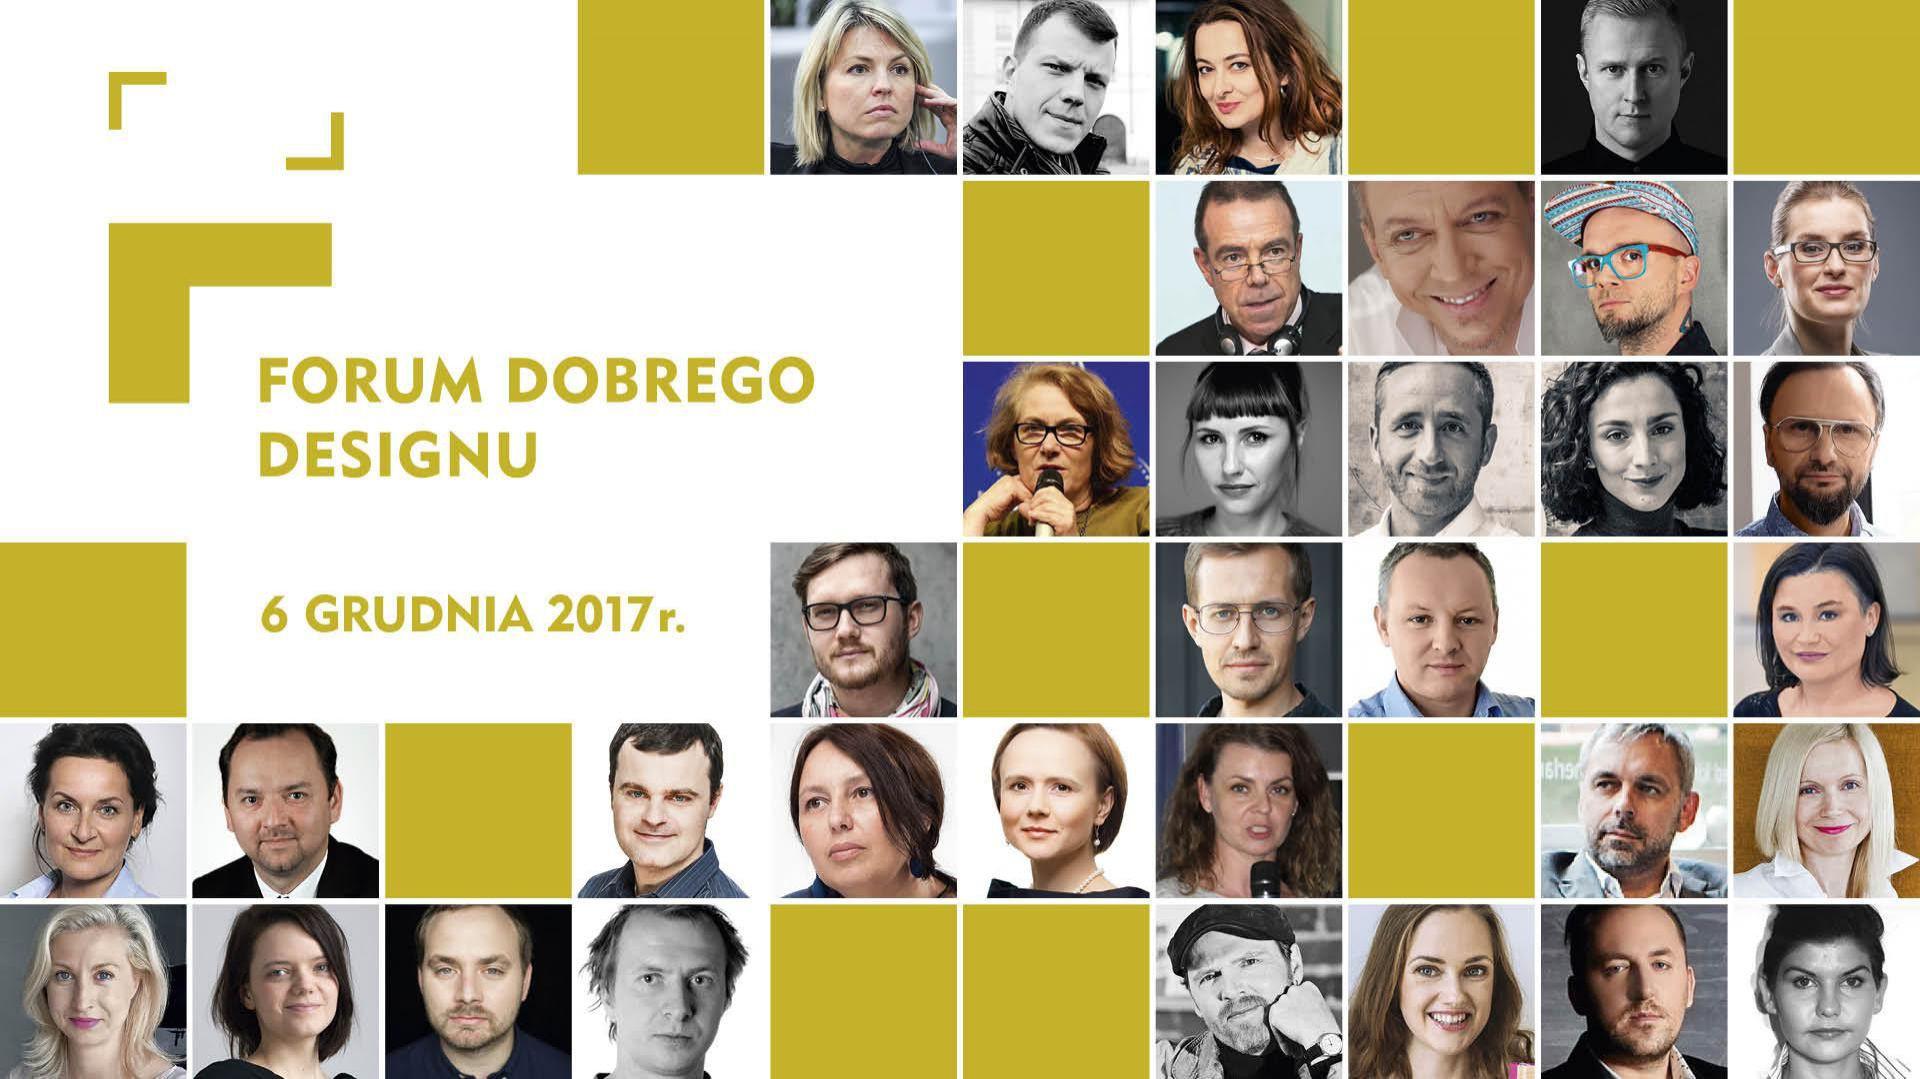 Forum Dobrego Designu odbędzie się 6 grudnia br. w Warszawie.